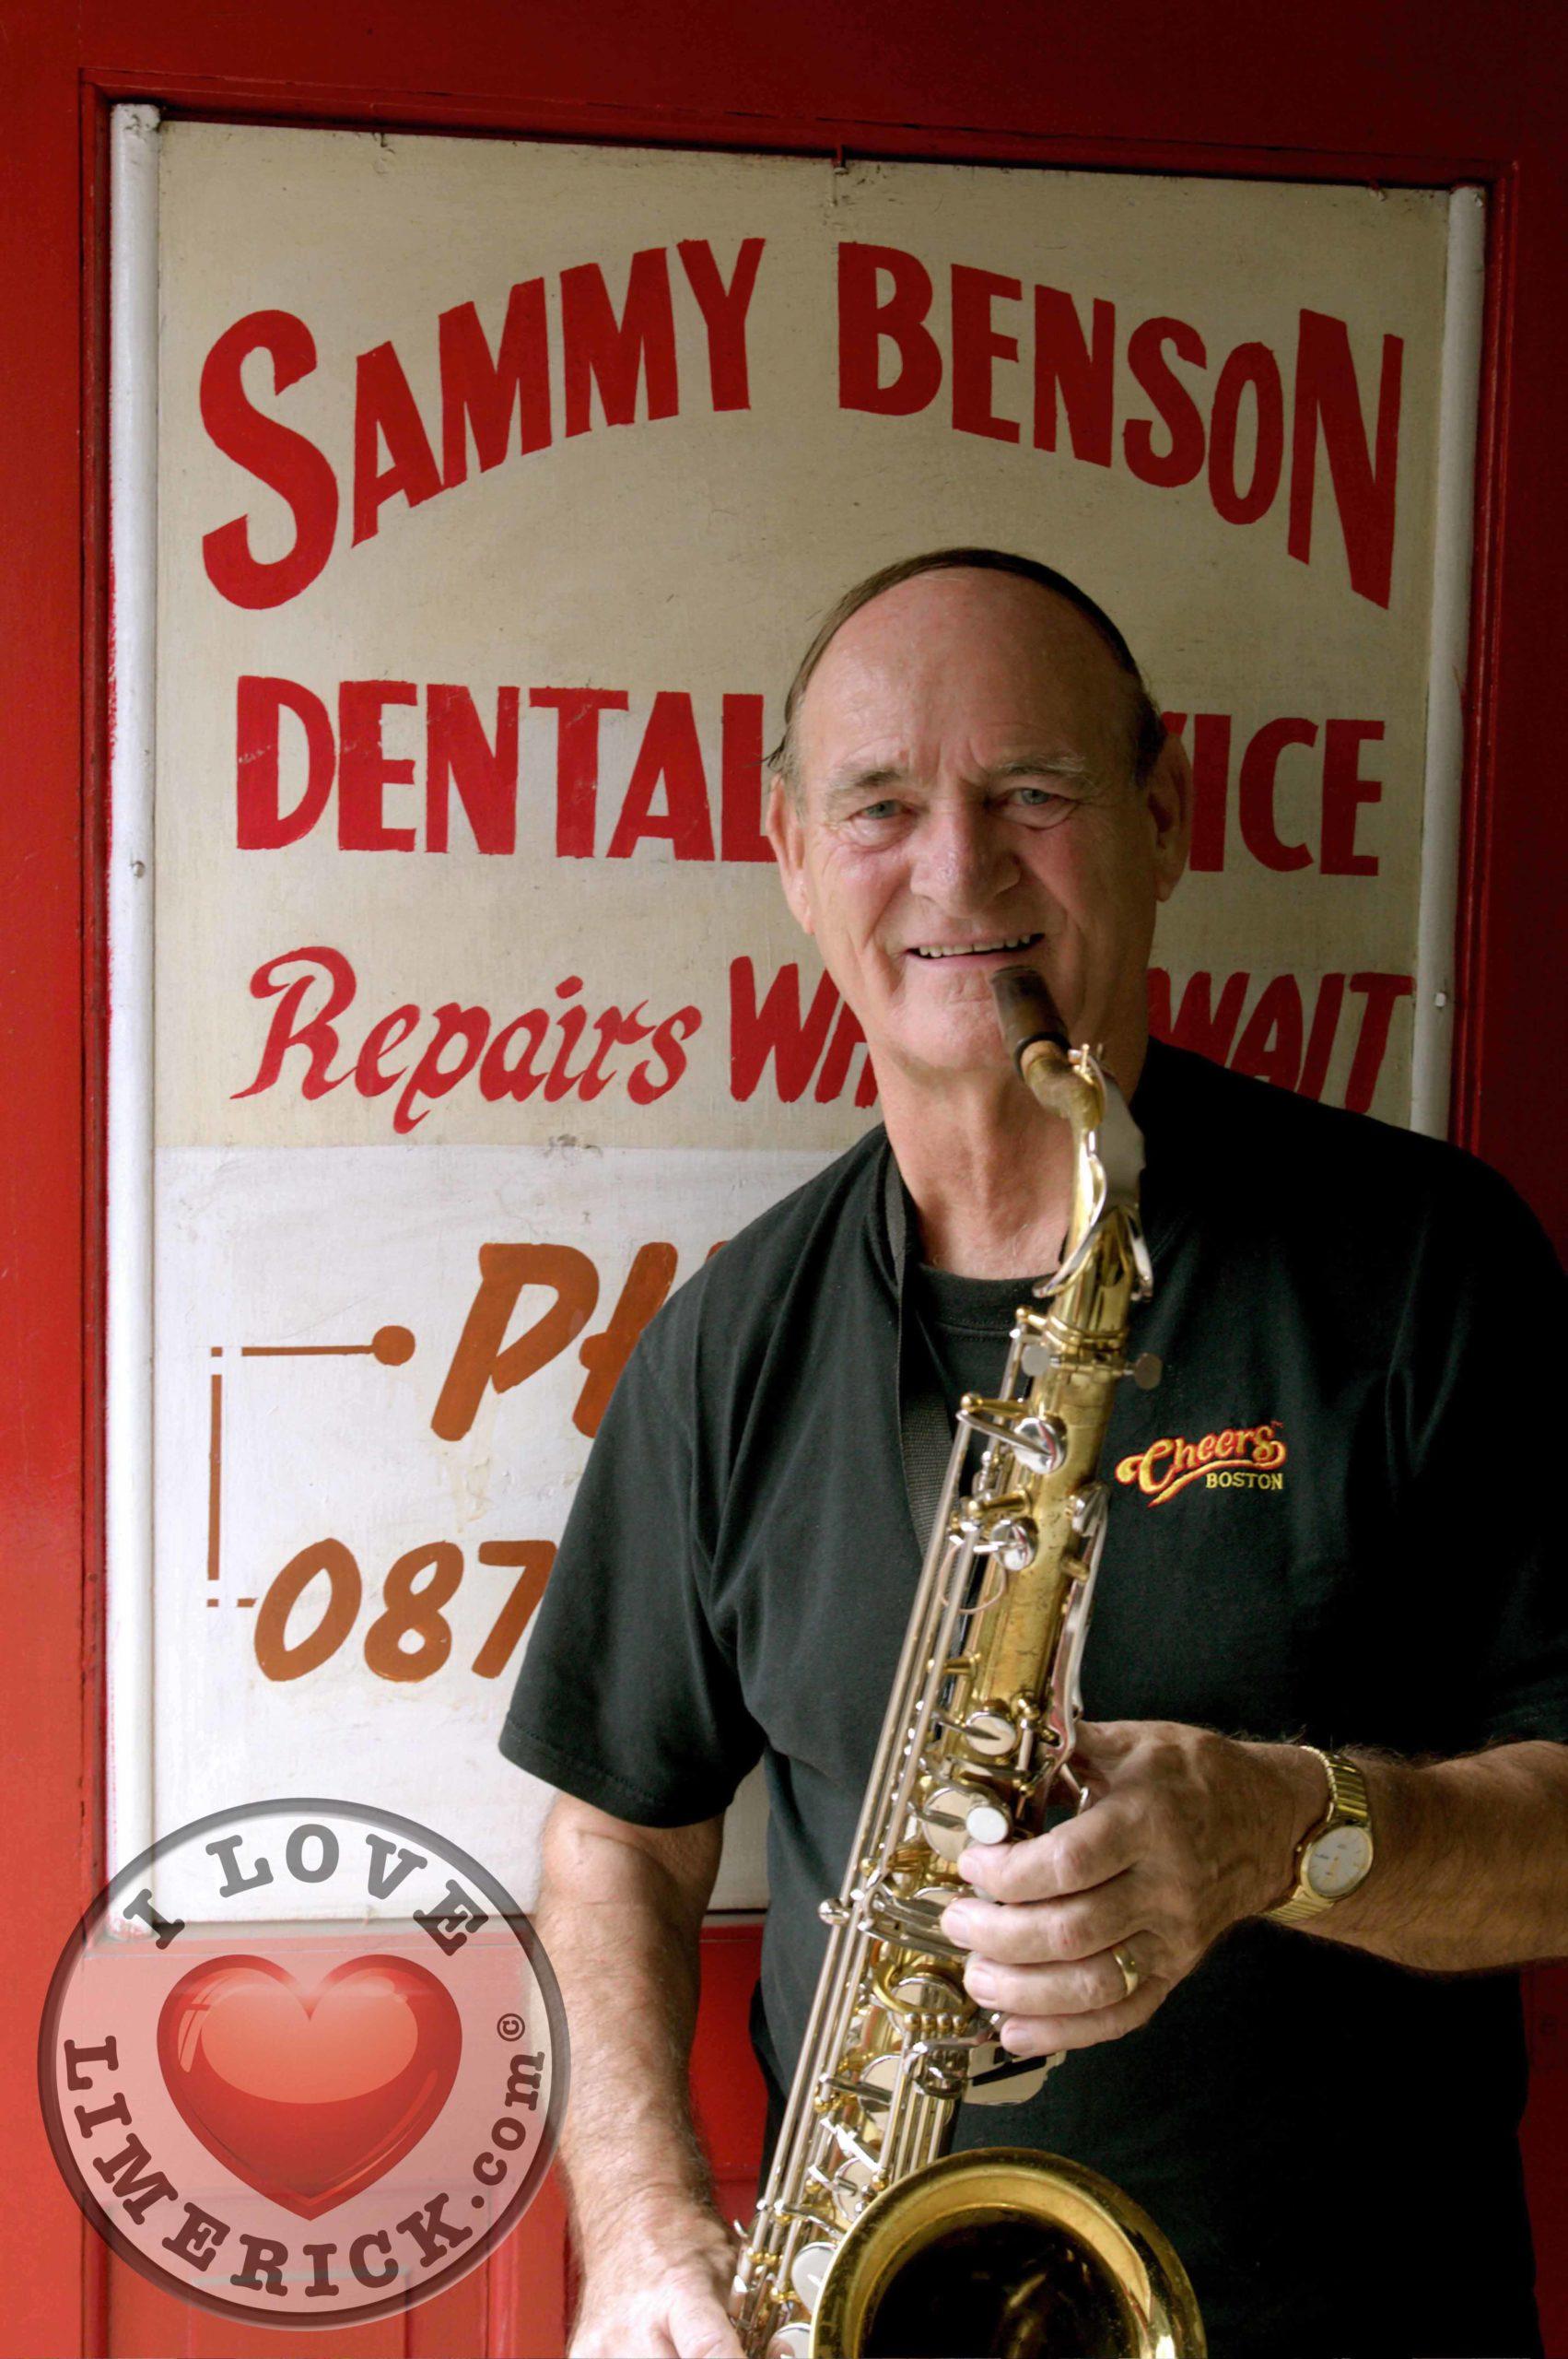 Sammy Benson